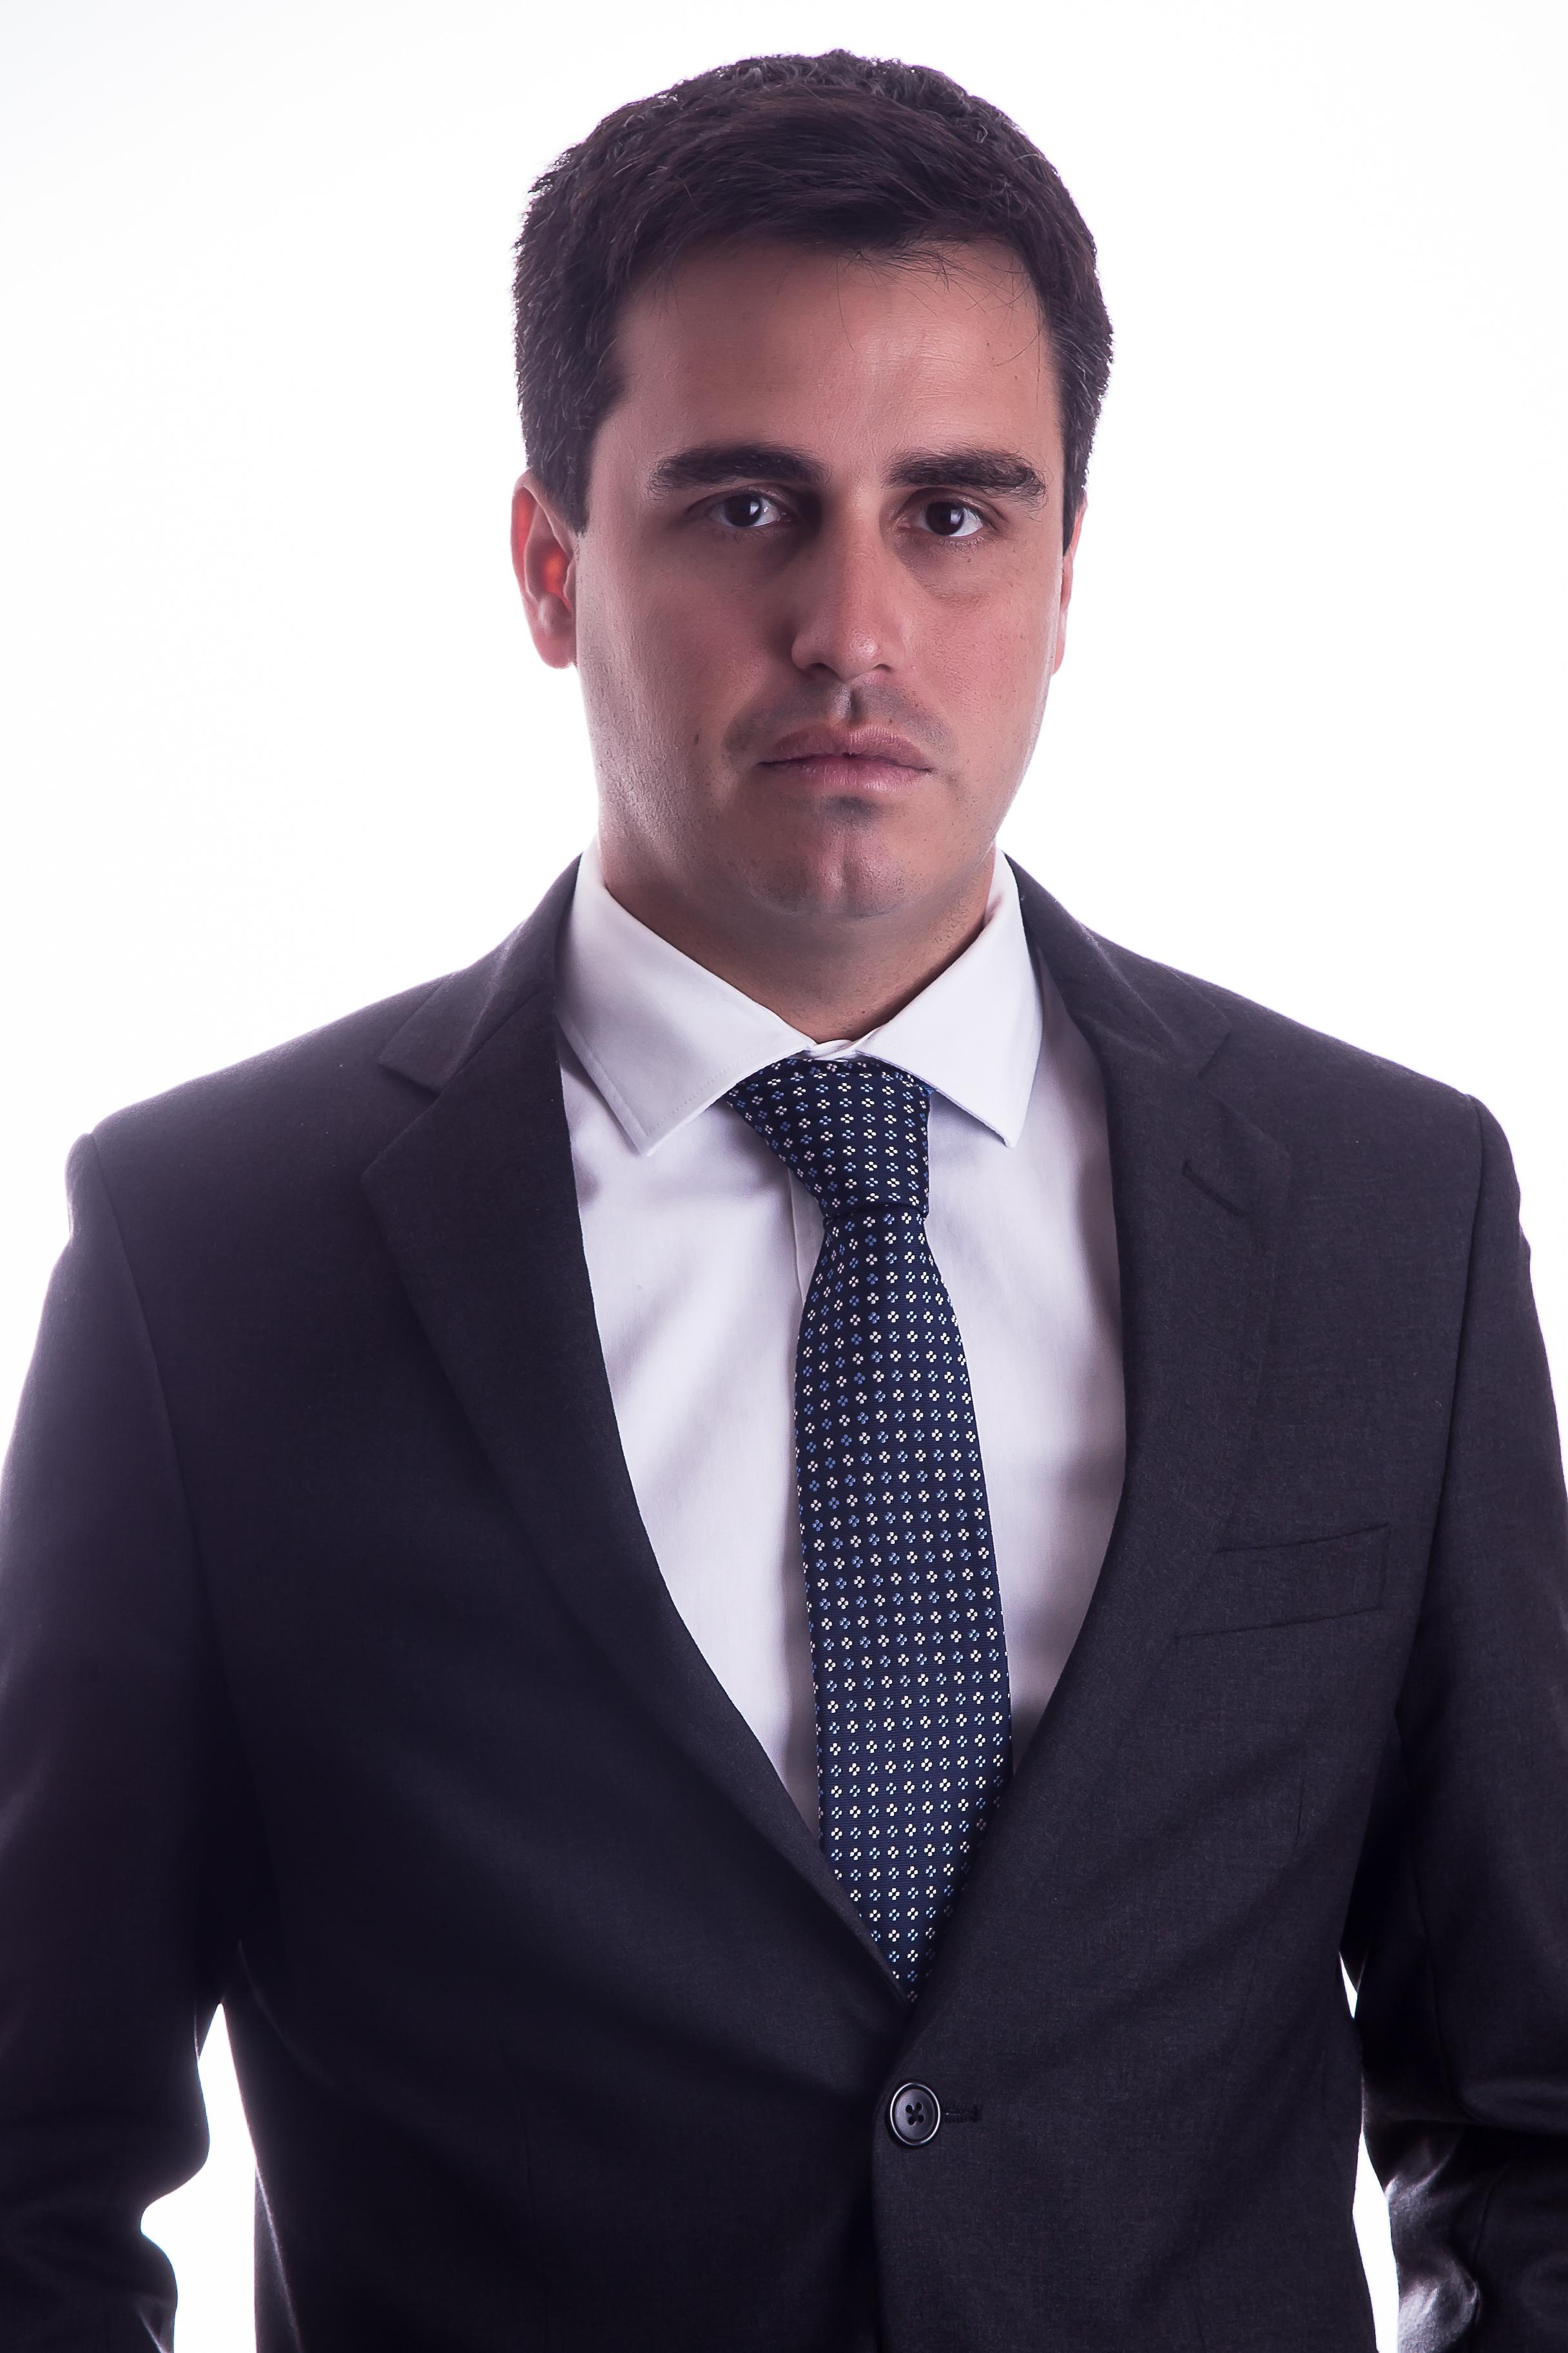 Daniel Augusto de Souza Ribeiro  daniel.ribeiro@daudtadvogados.com.br